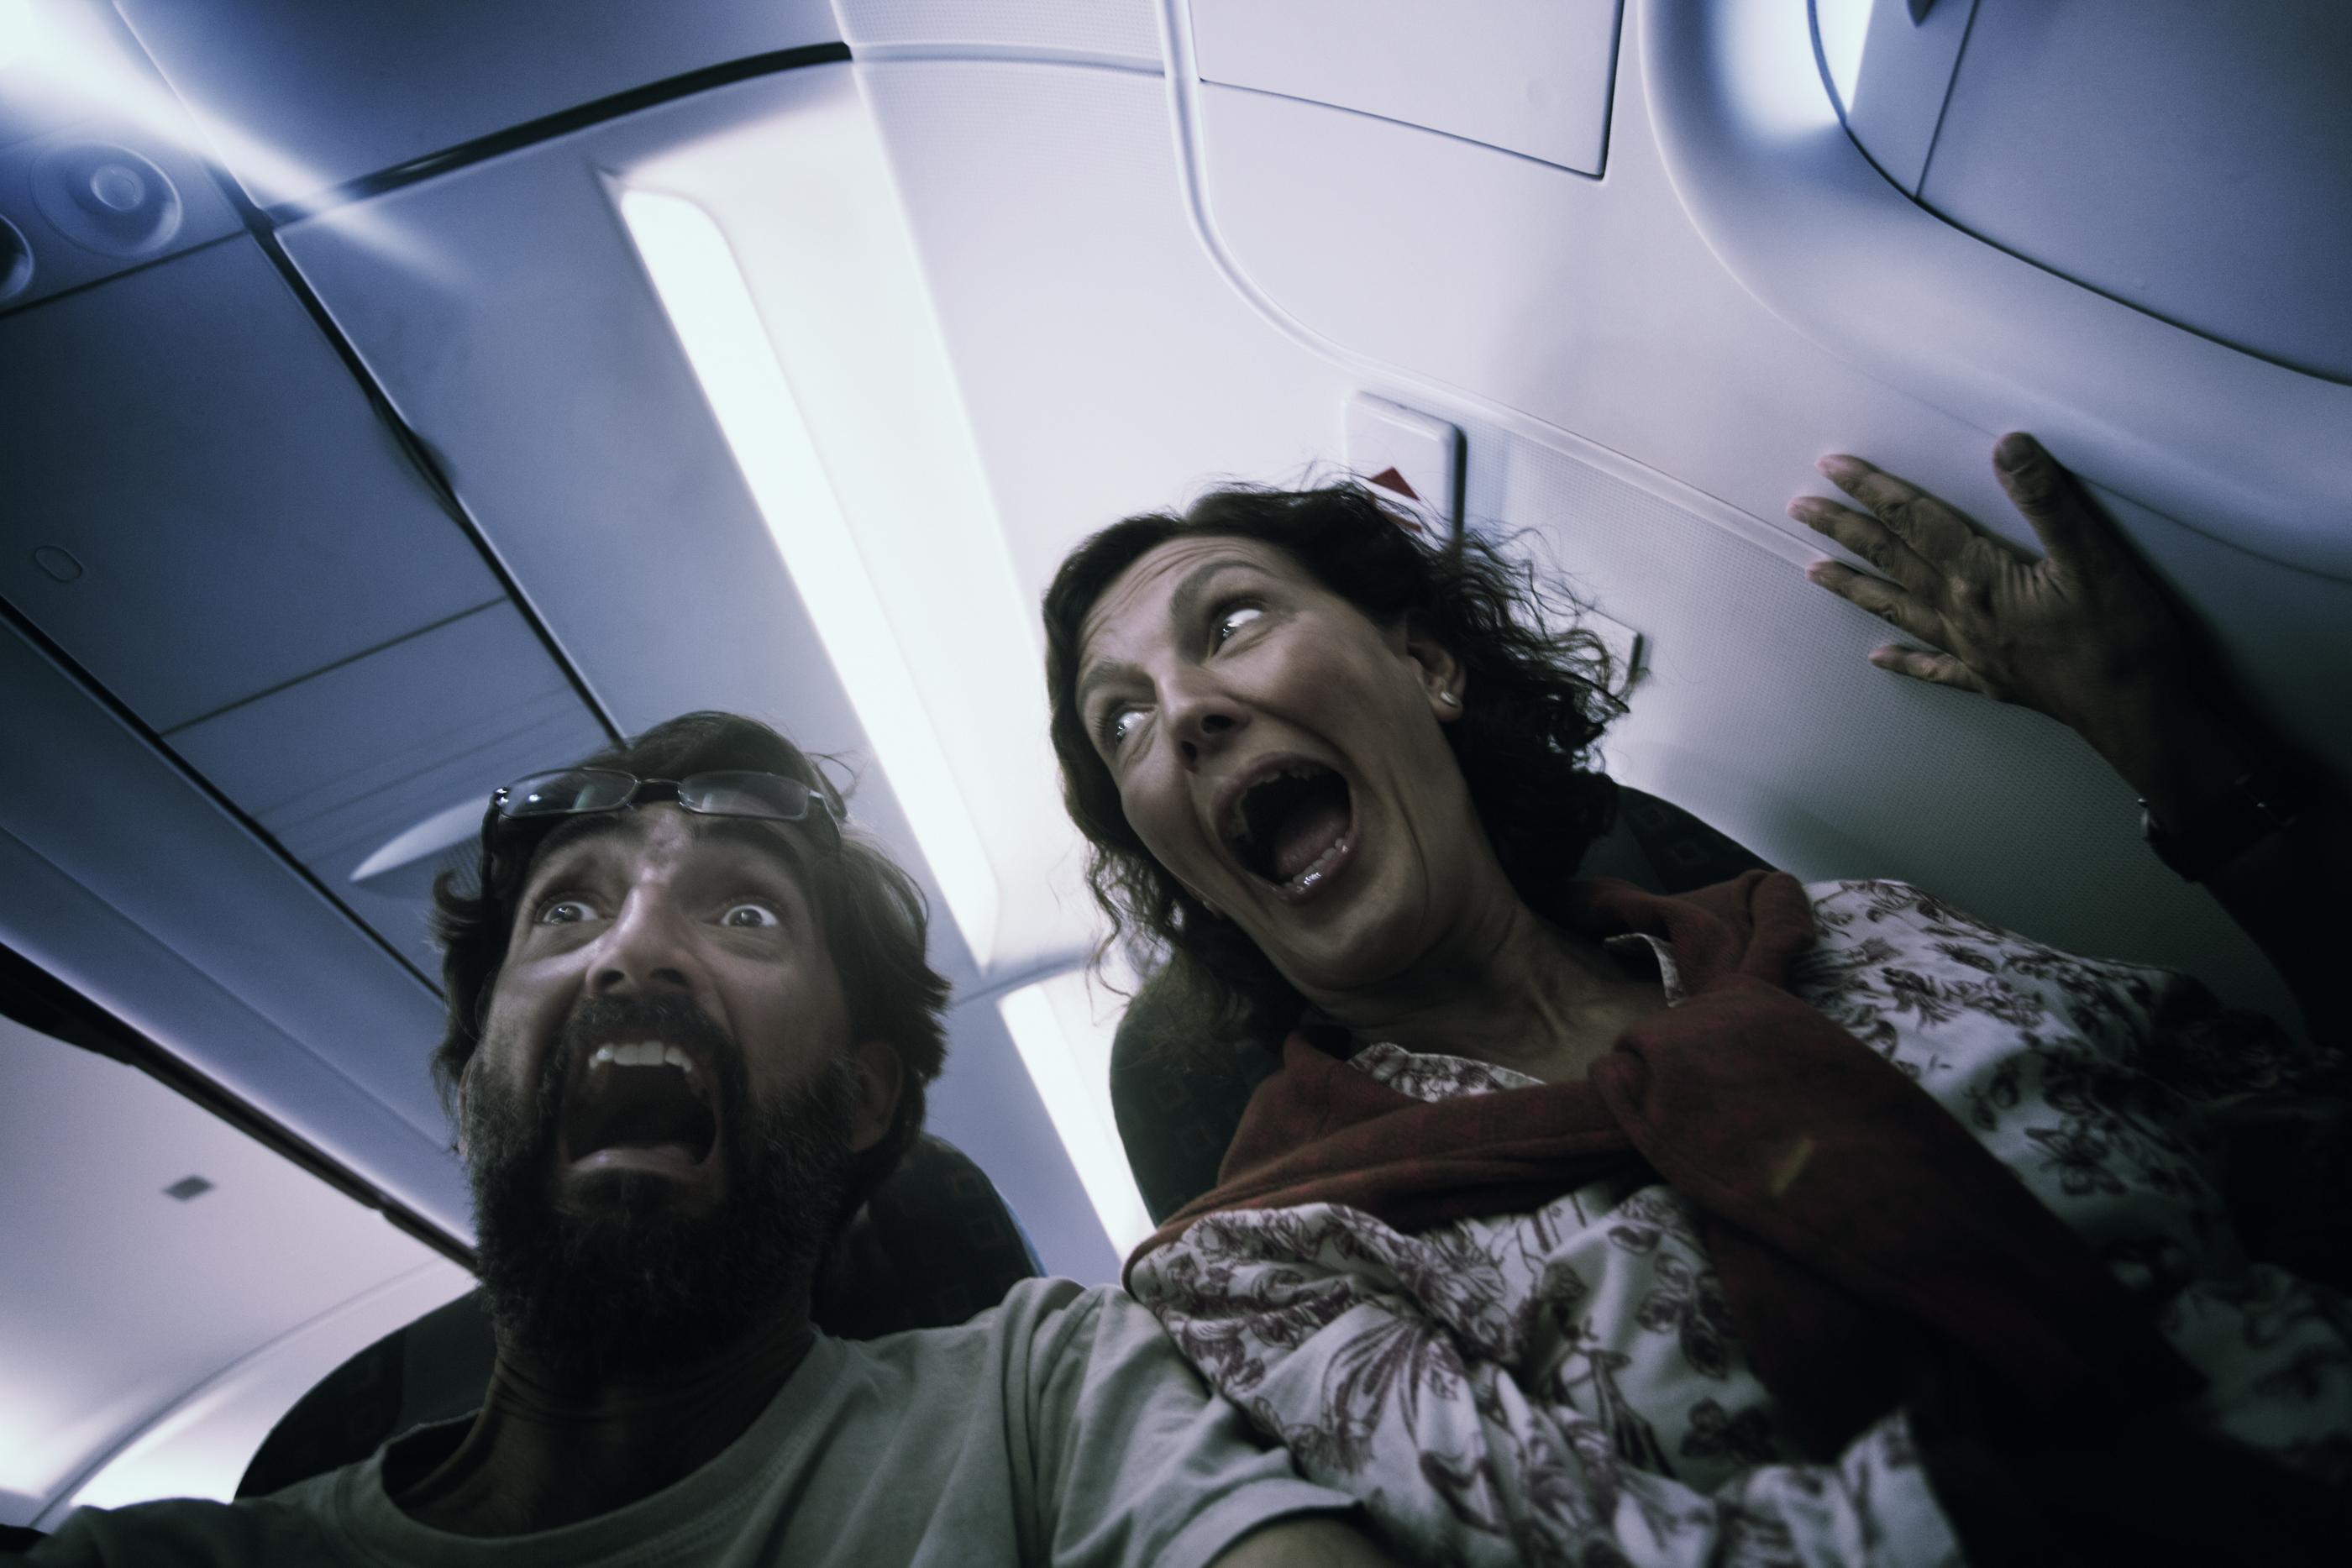 pânico em avião